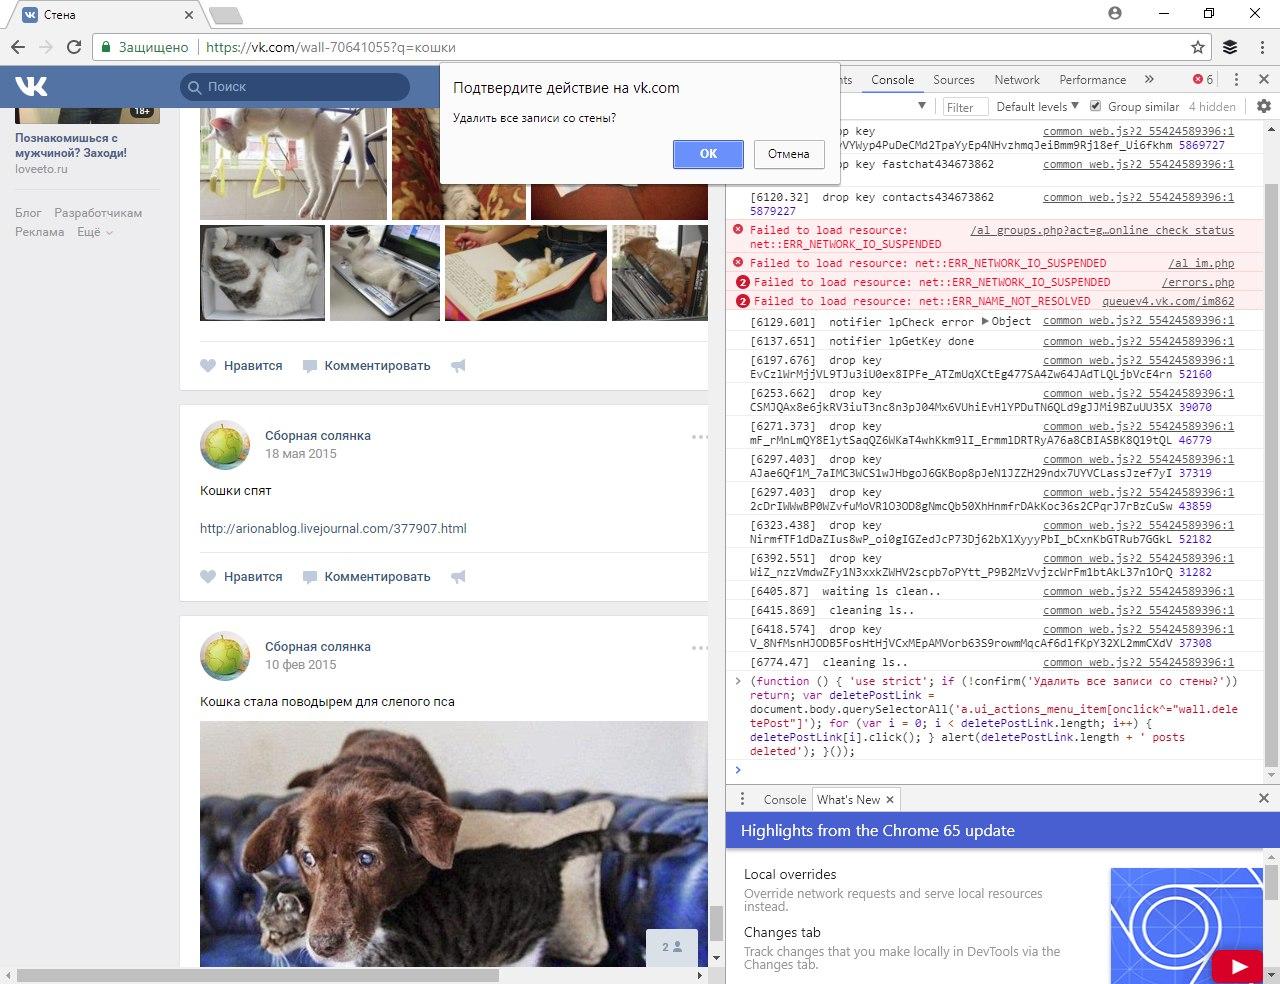 как удалить посты в группе или паблике вконтакте